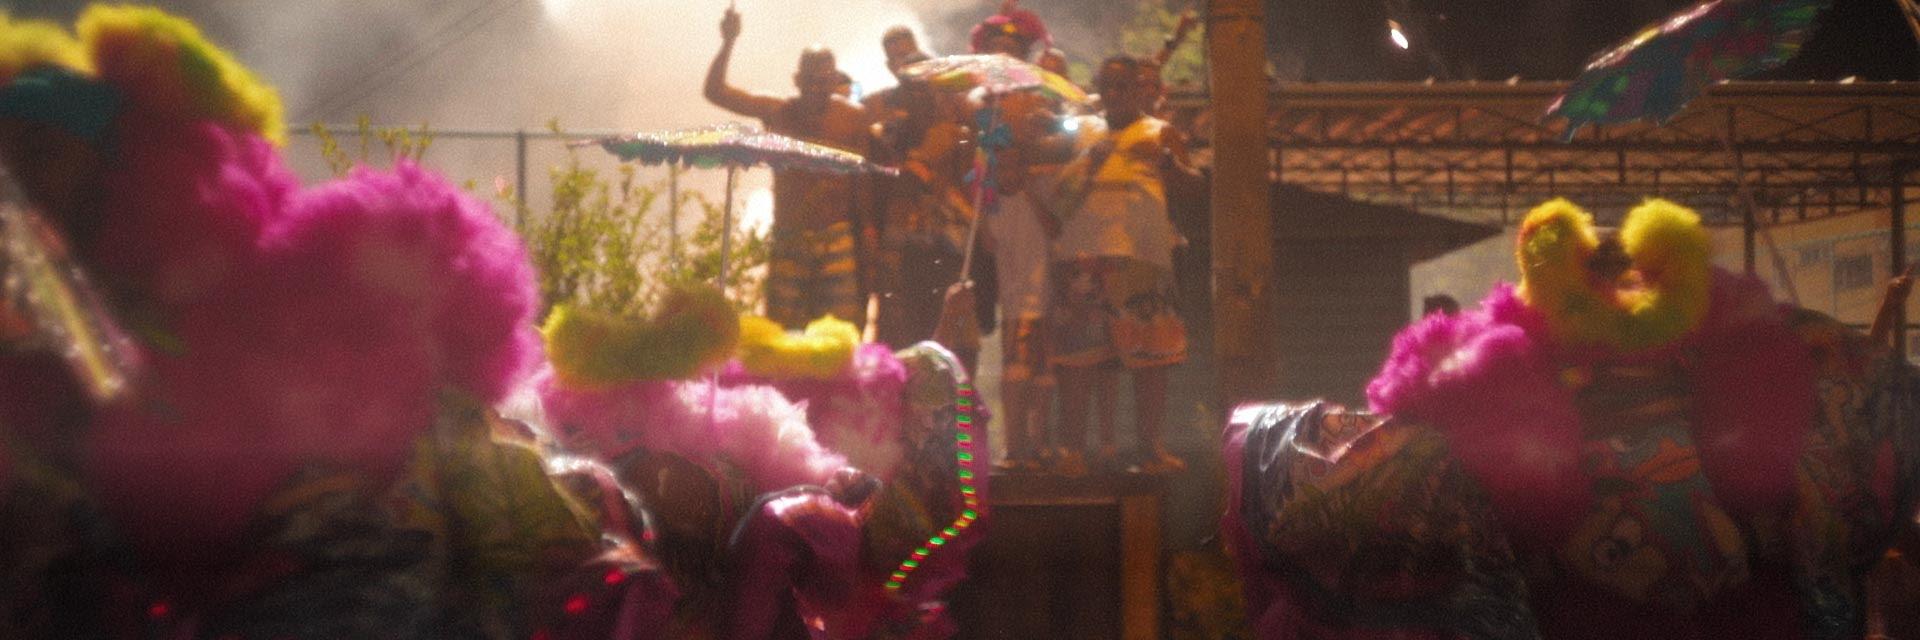 BB FILM STILL 14.jpg